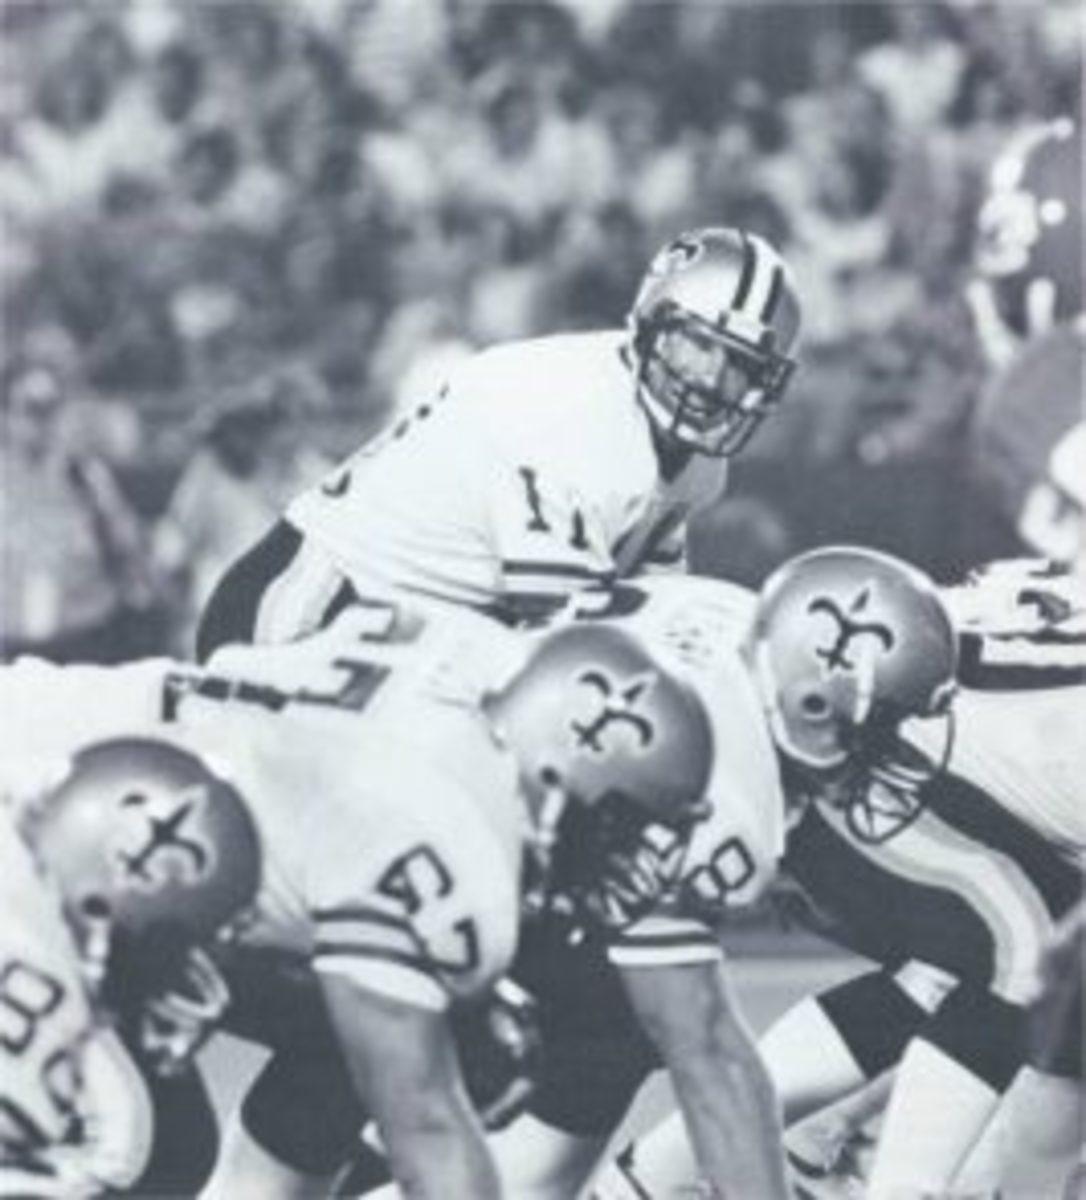 Former New Orleans Saints quarterback Richard Todd (11). Credit: nosaintshistory.com